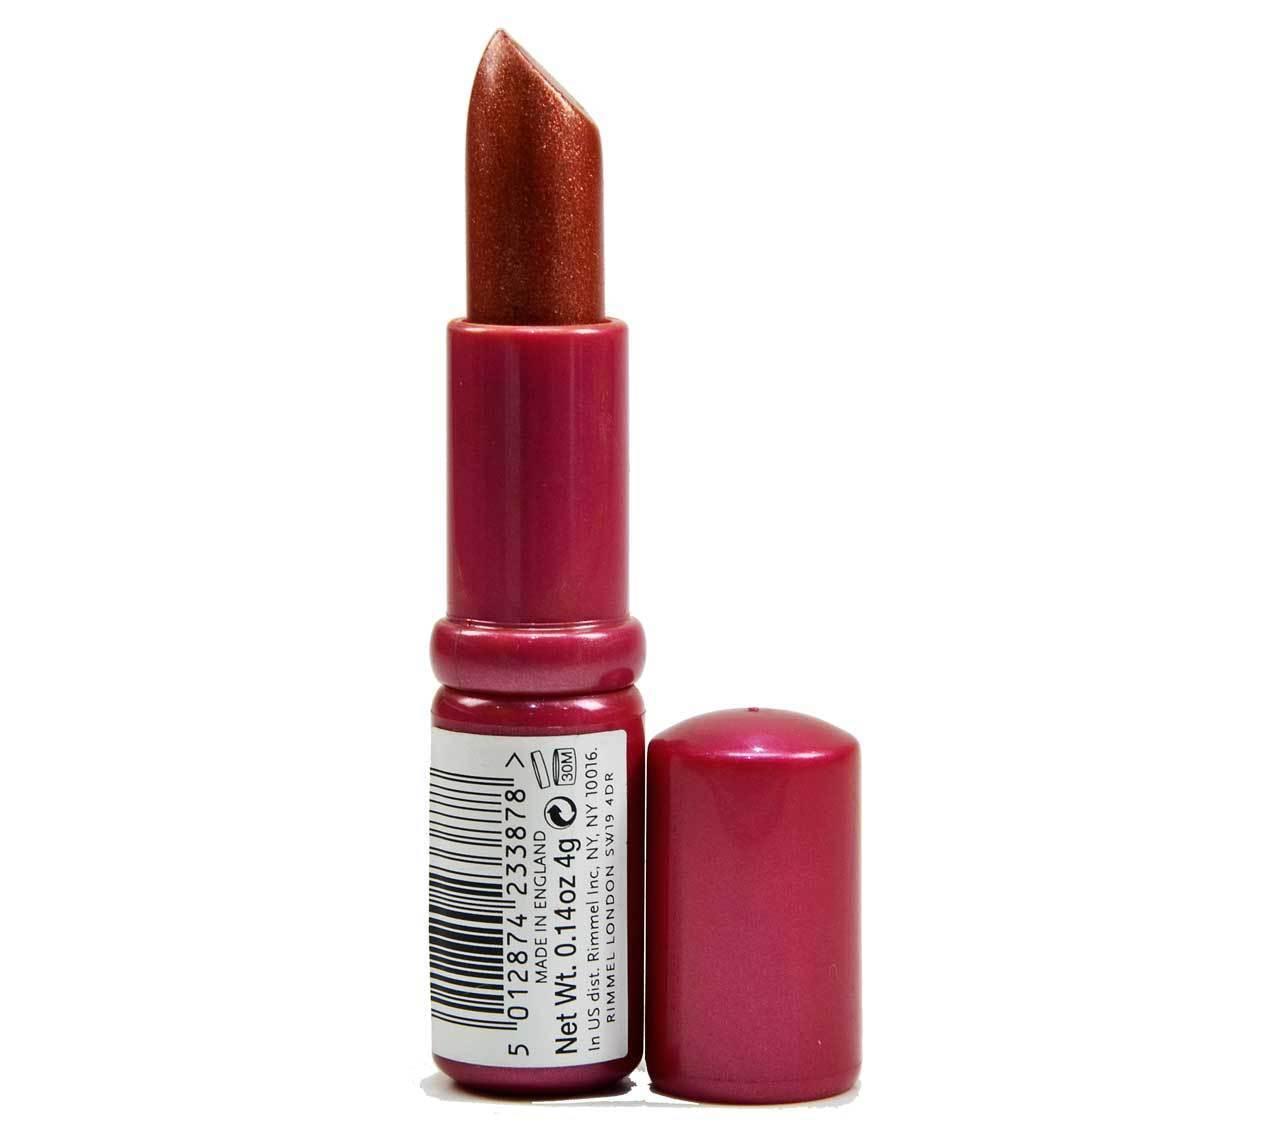 Rimmel London Rich Moisture Lipstick Lippenstift in verschiedenen Farben